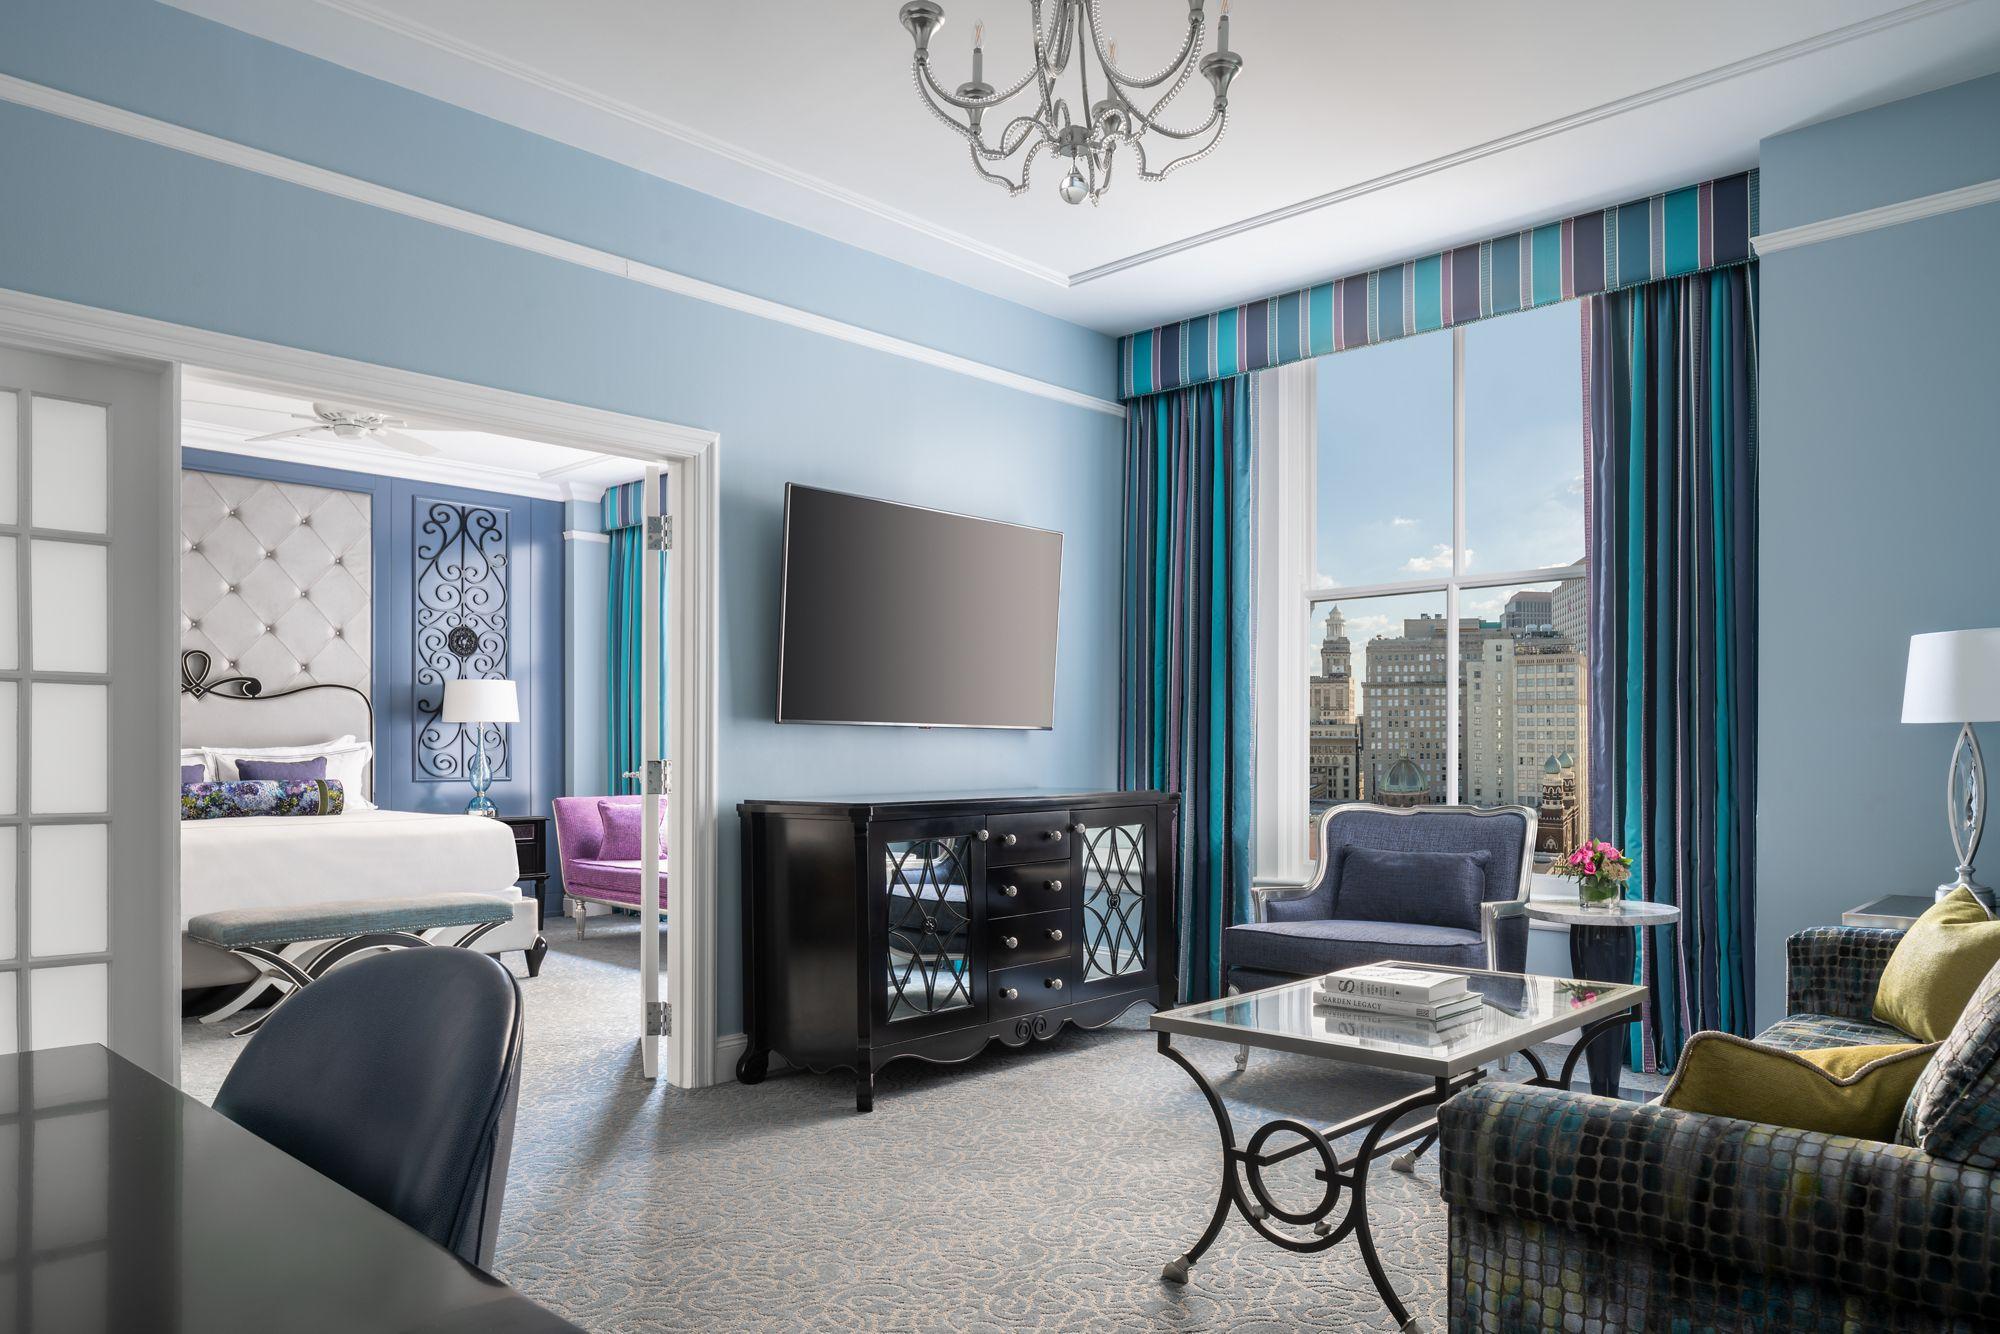 The Ritz Carlton Suite